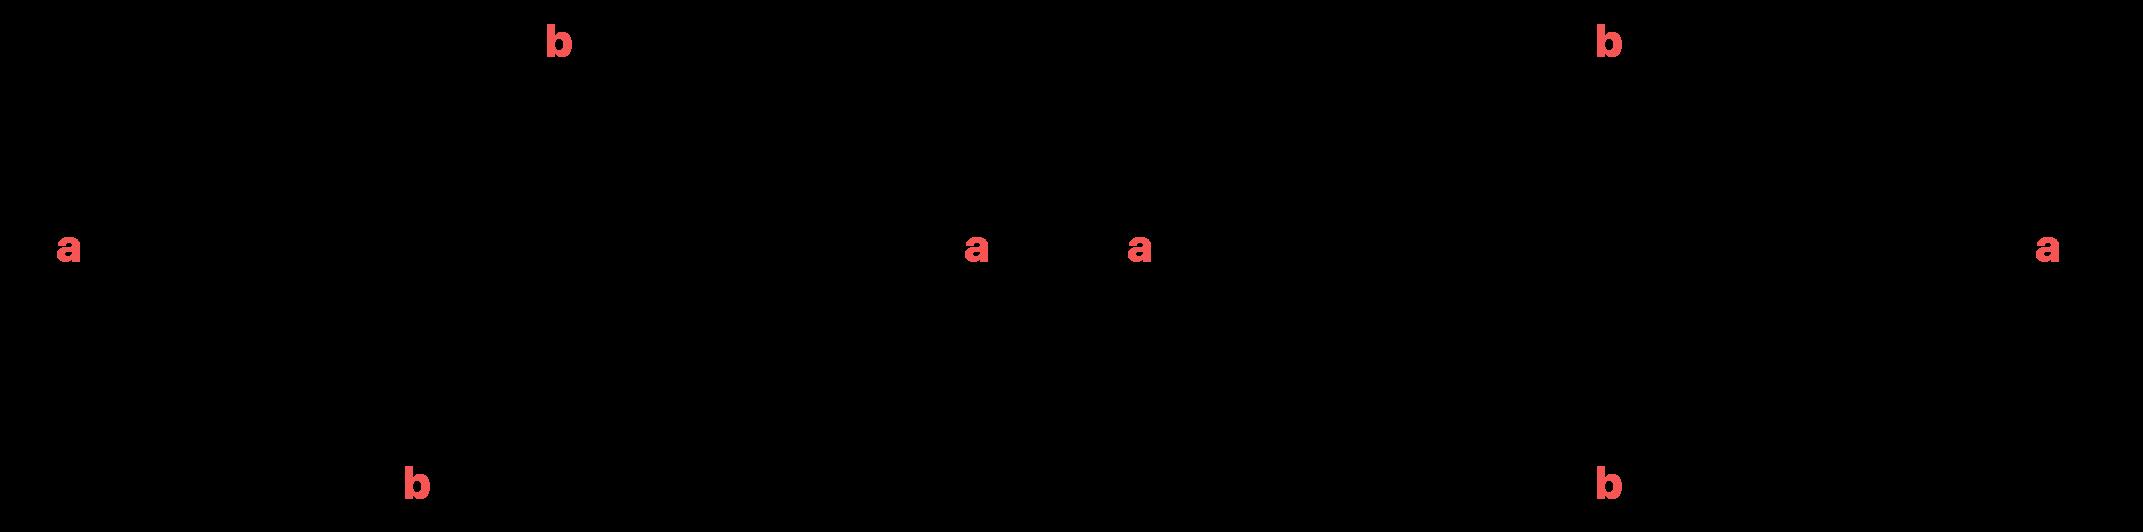 lados opostos do retângulo são sempre paralelos e iguais